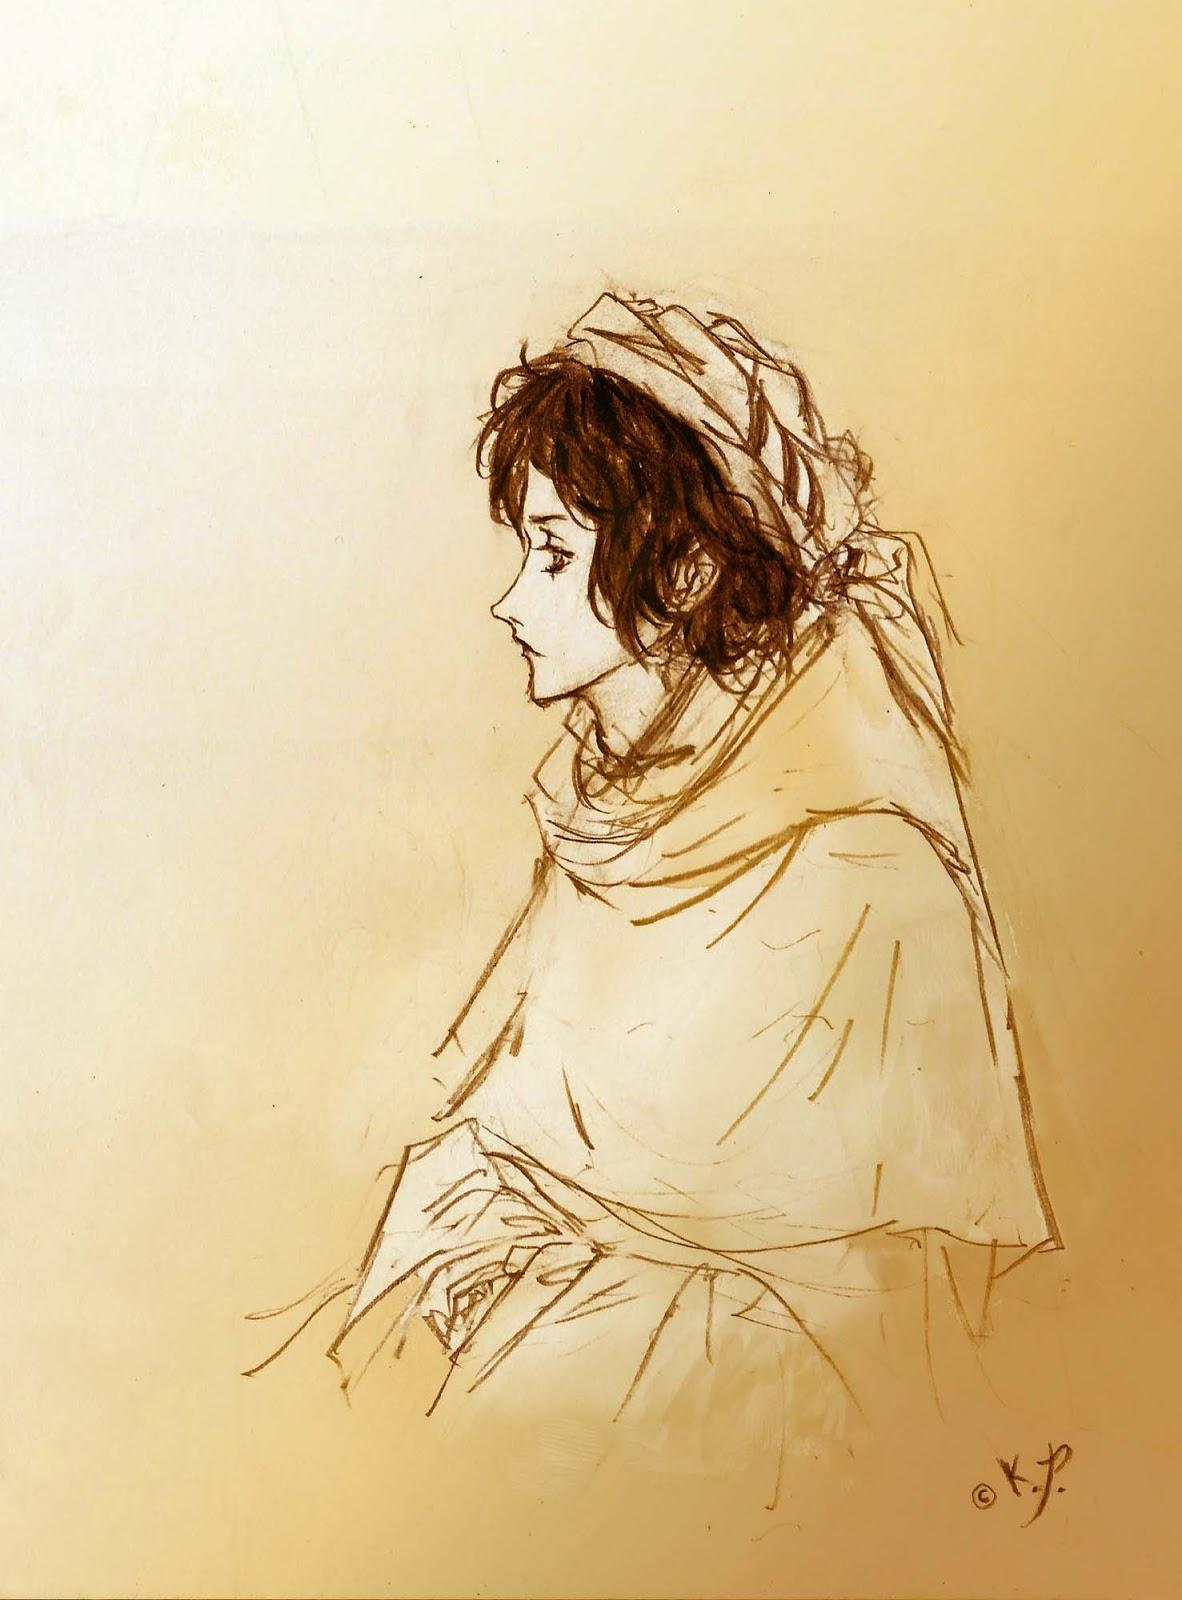 Dibujo de Ahmad el forastero